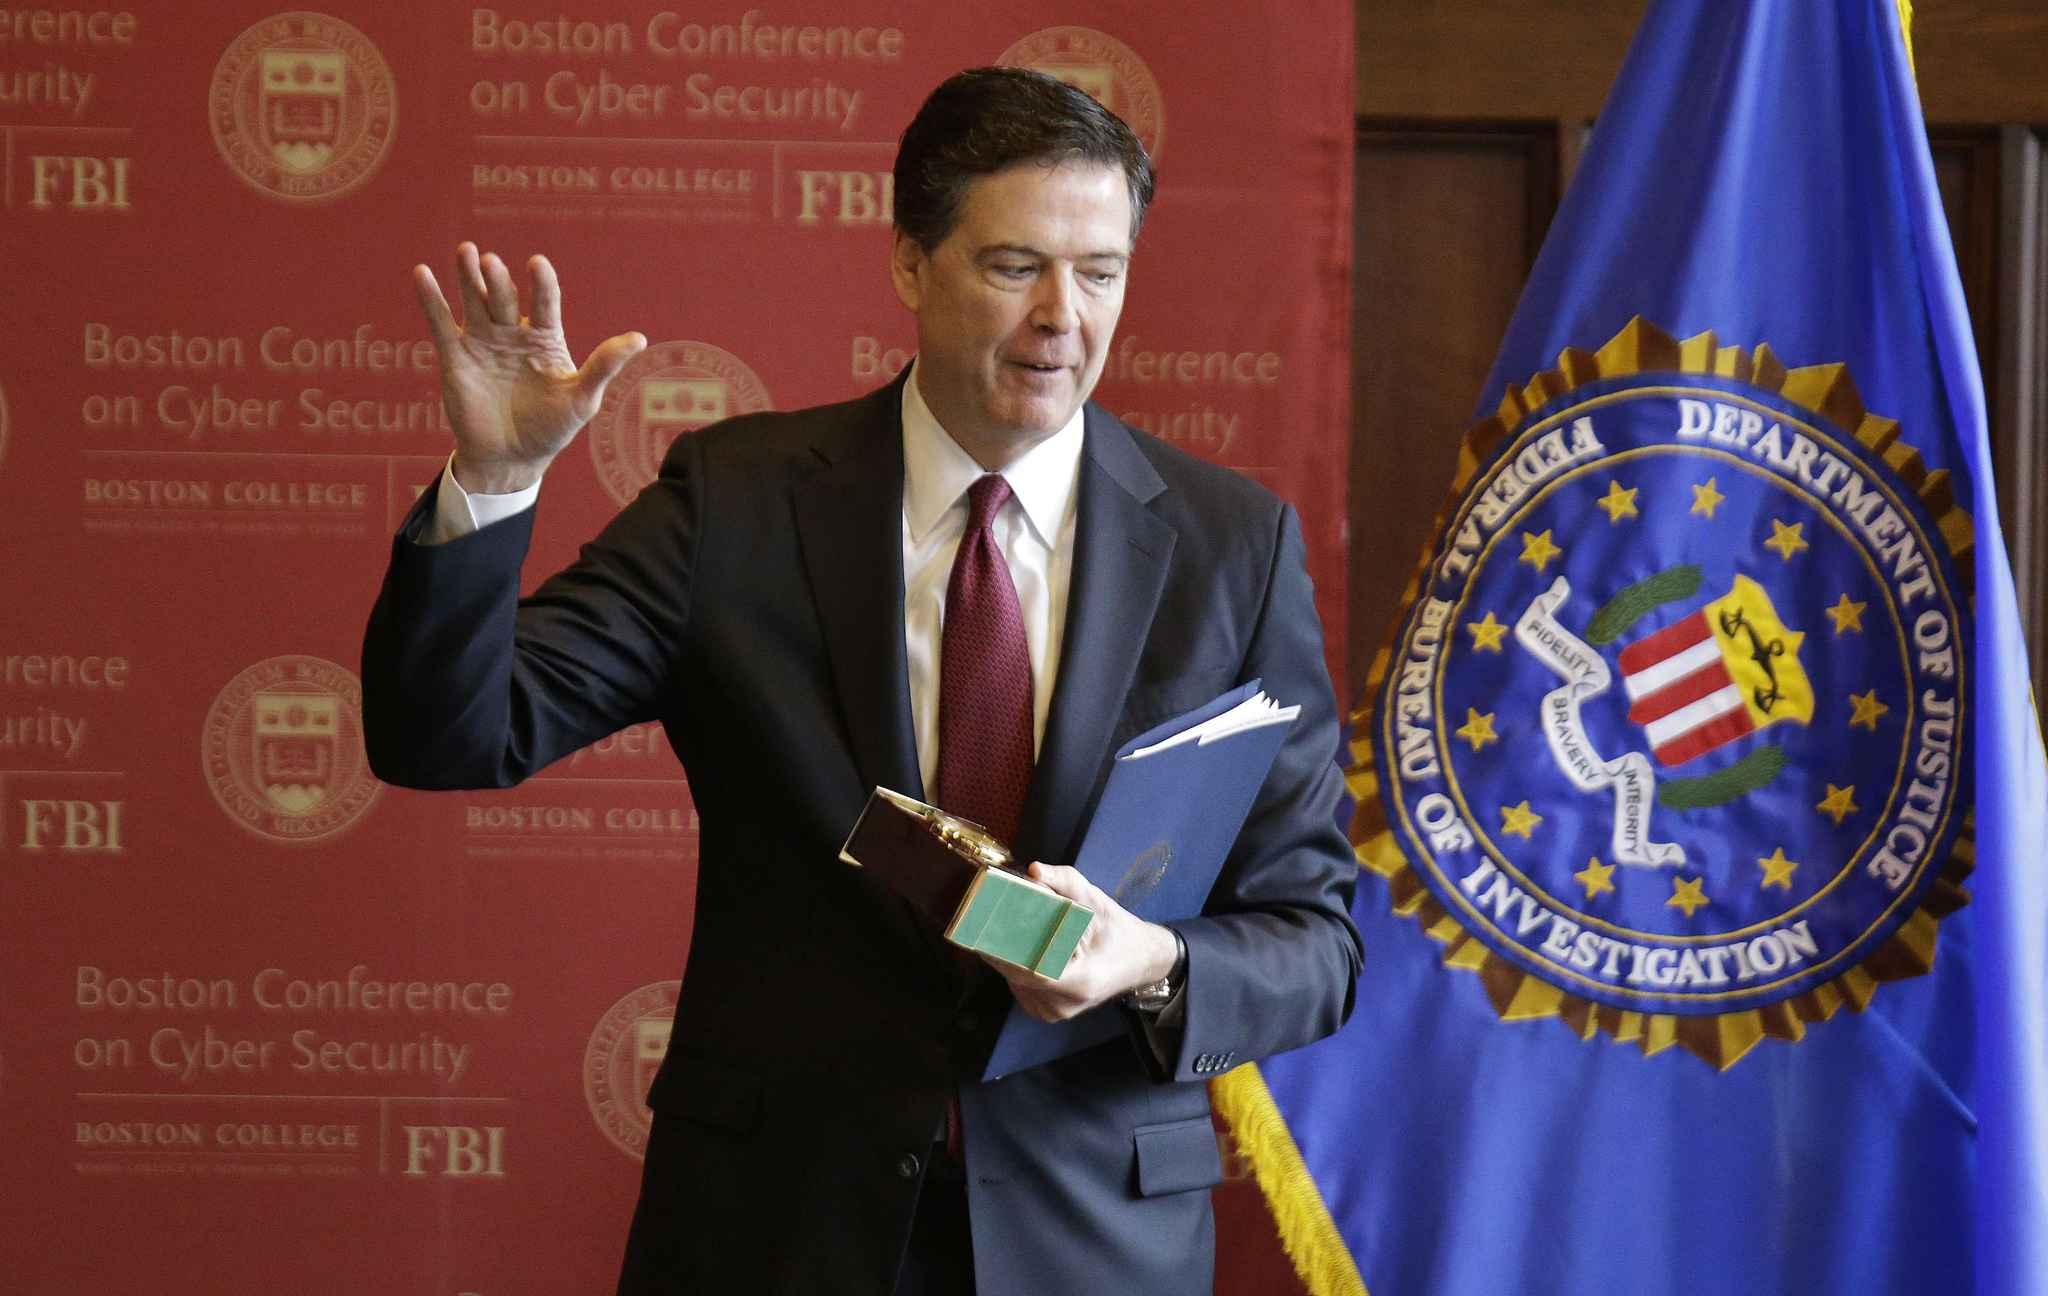 Liens avec la Russie : Trump discrédité par le FBI